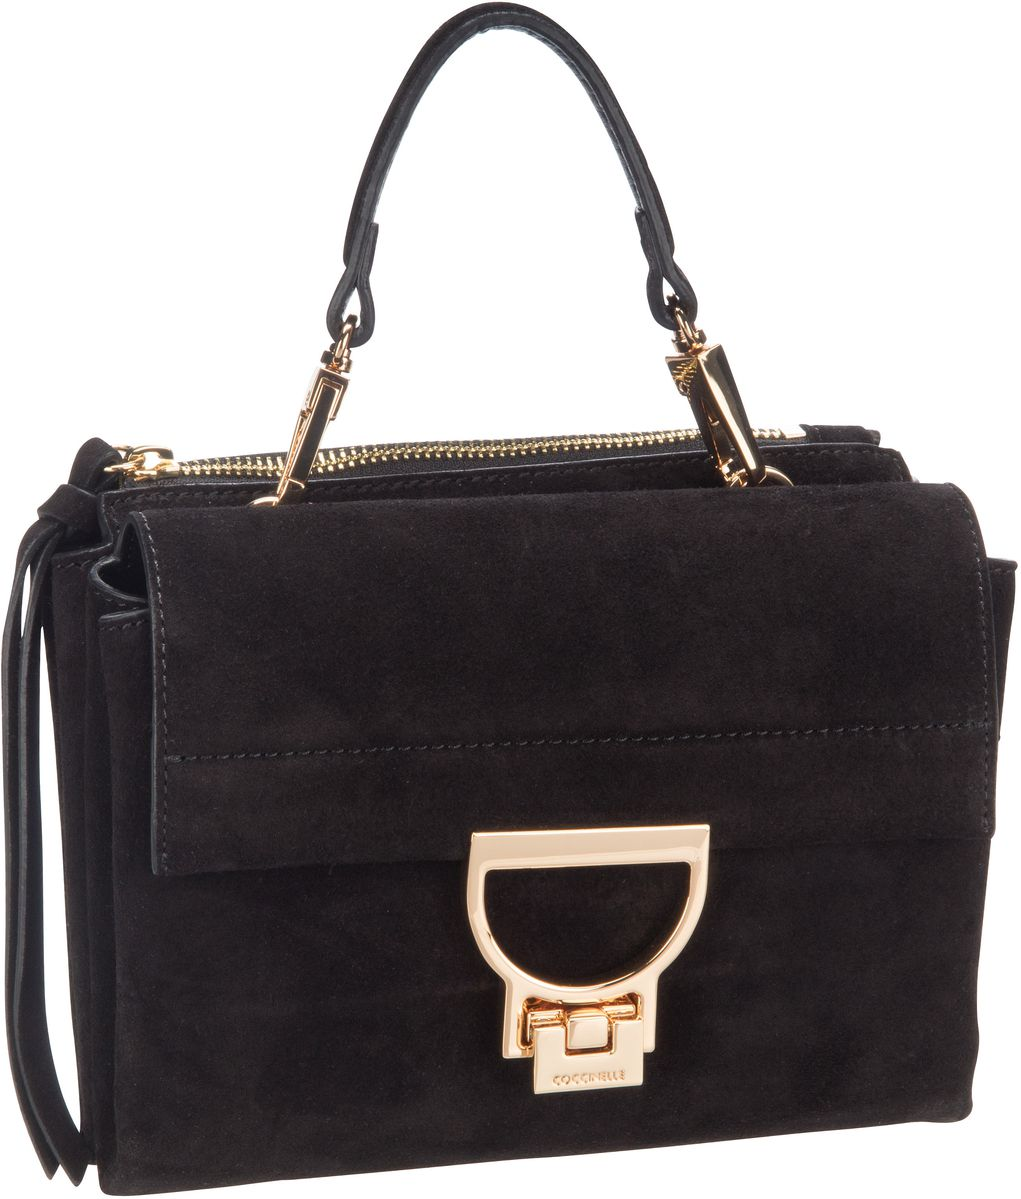 Handtasche Arlettis Suede 55B7 Noir